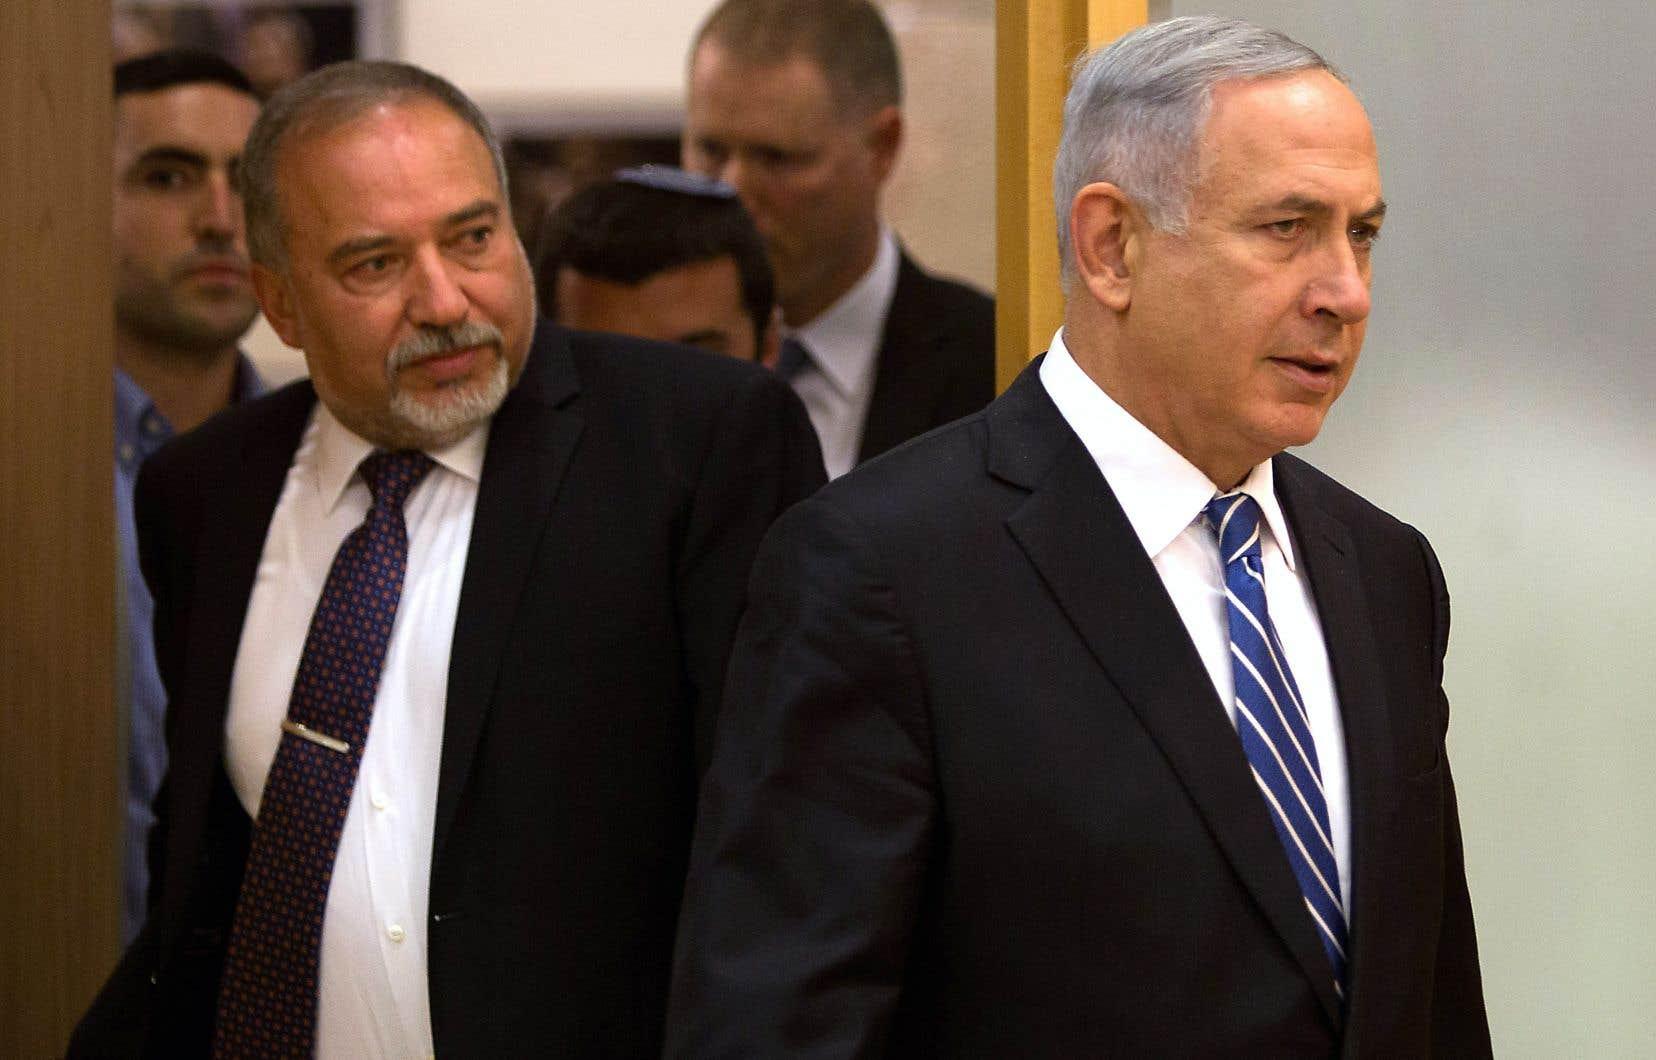 Le premier ministre Benjamin Netanyahu (à droite) avec son ancien ministre de la Défense,Avigdor Lieberman (à gauche)